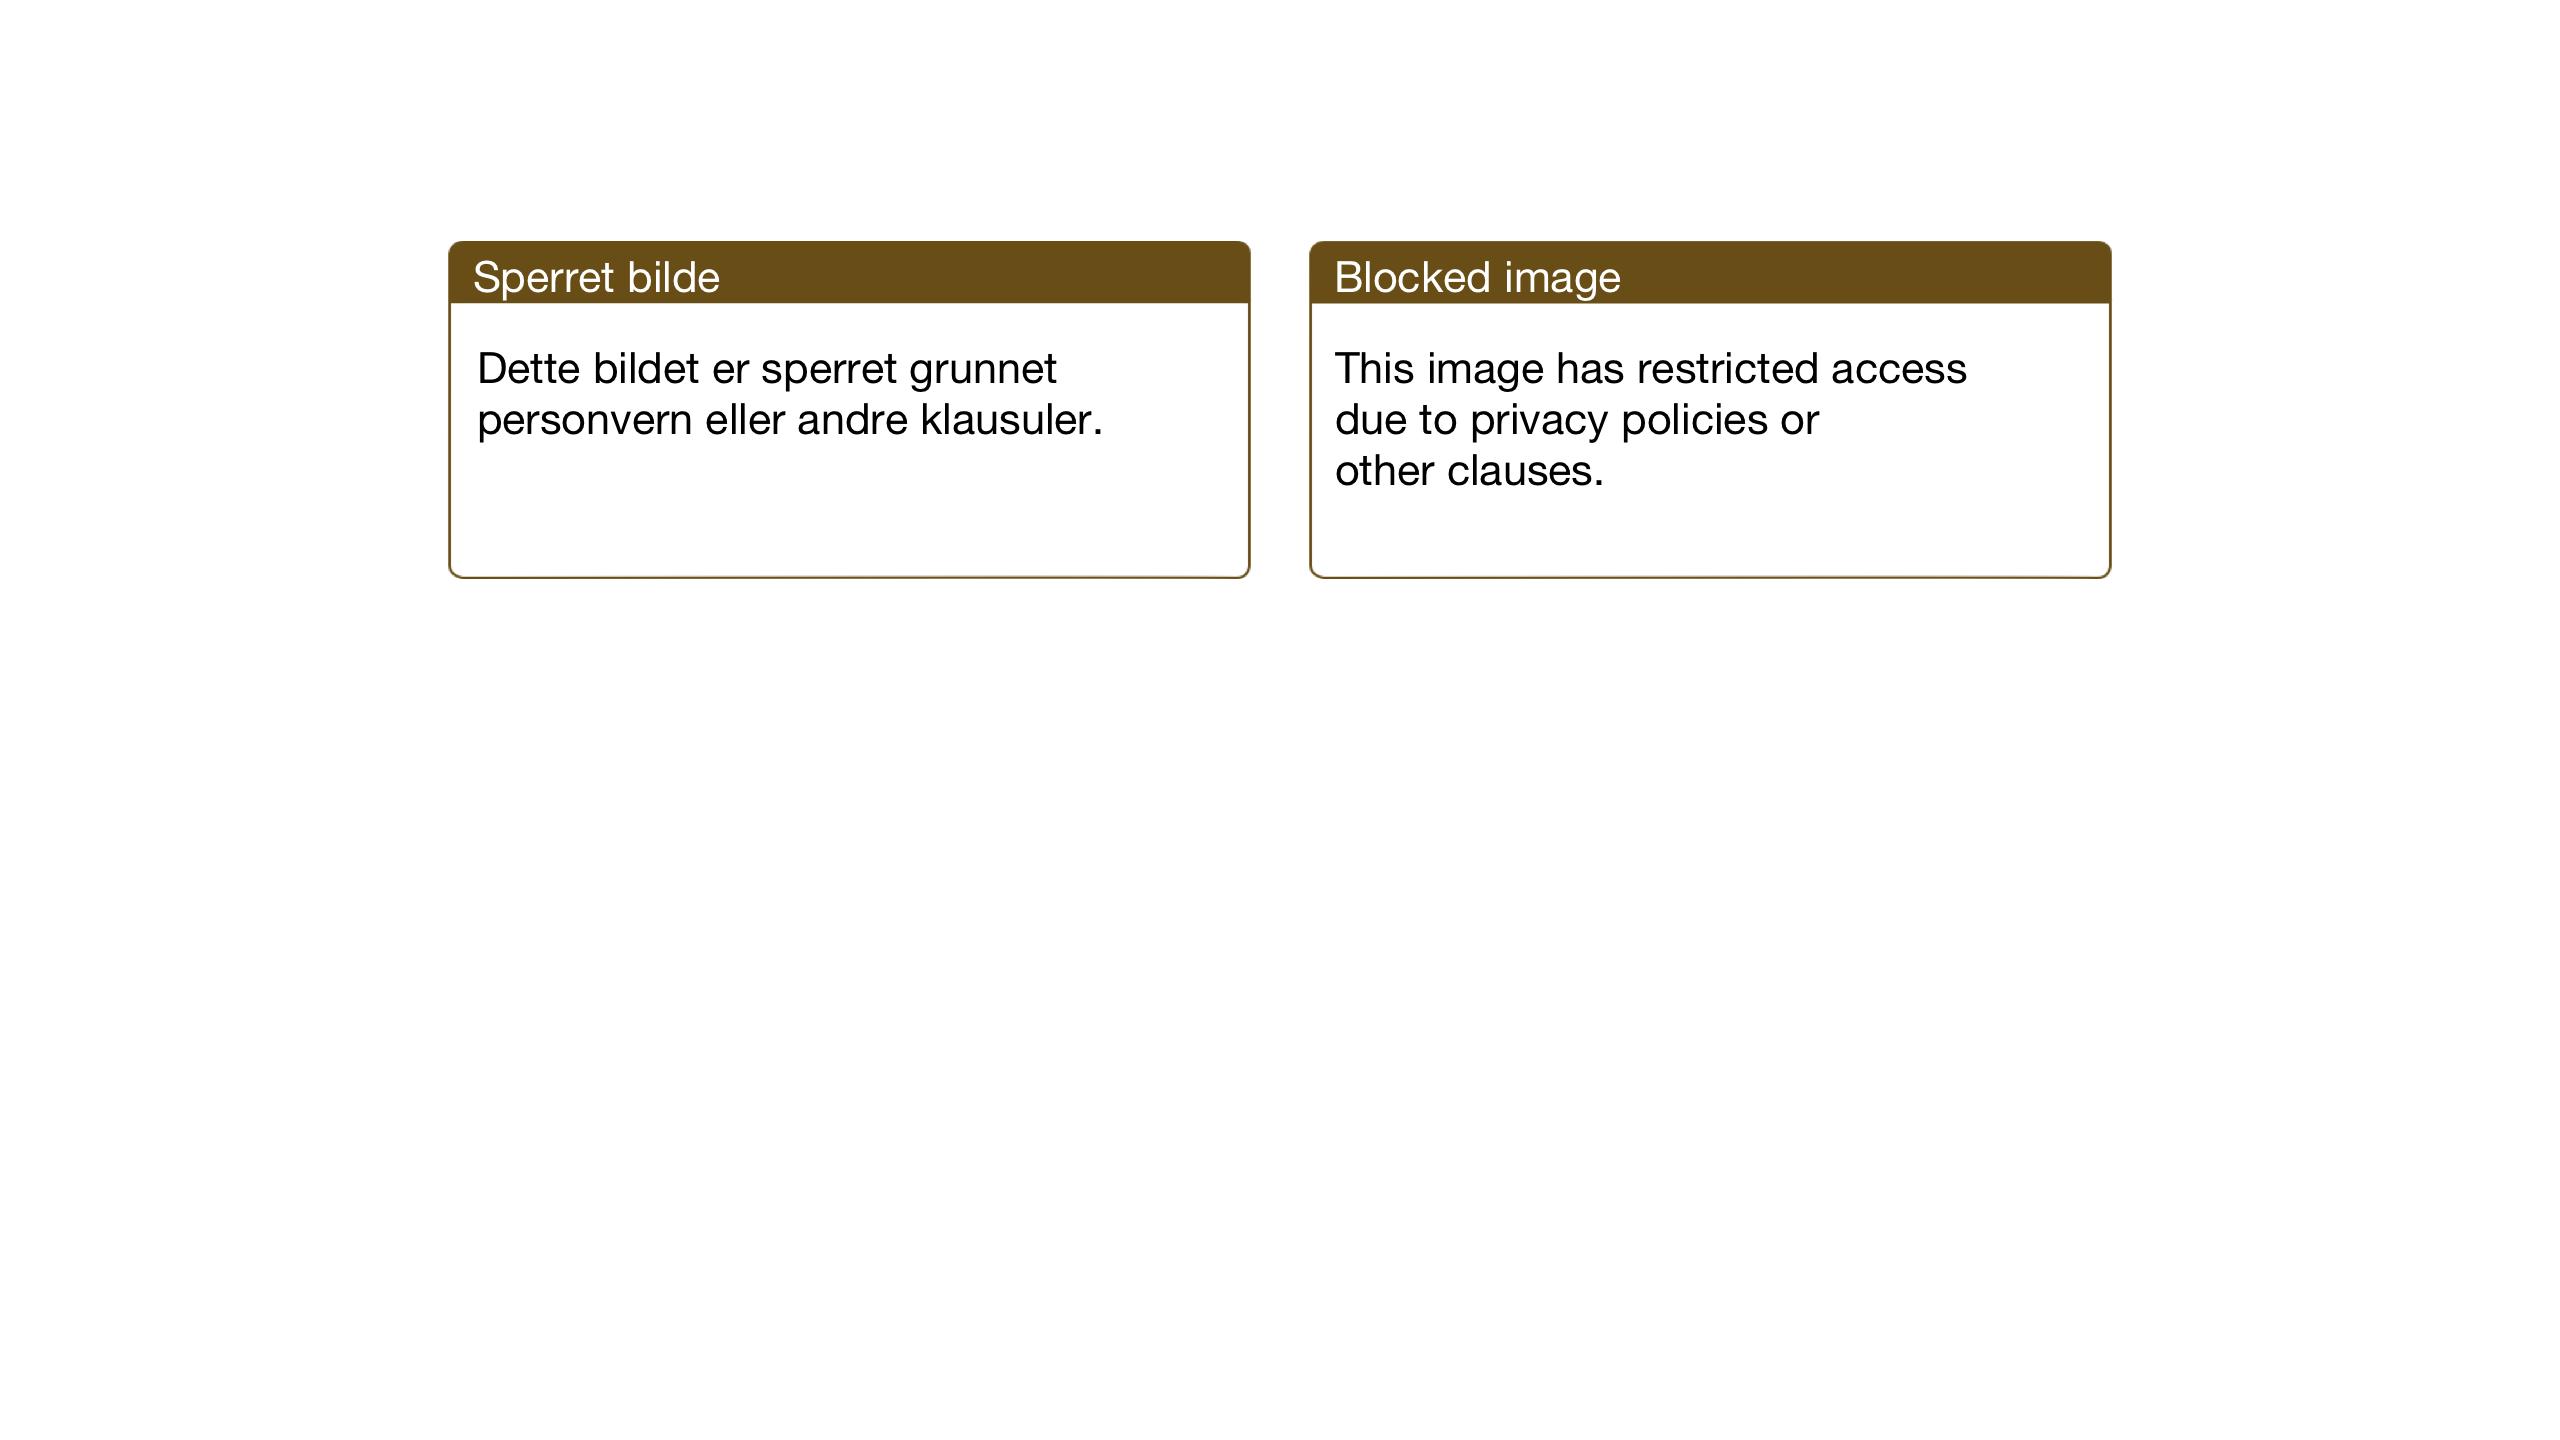 SAT, Ministerialprotokoller, klokkerbøker og fødselsregistre - Nord-Trøndelag, 714/L0136: Klokkerbok nr. 714C05, 1918-1957, s. 30